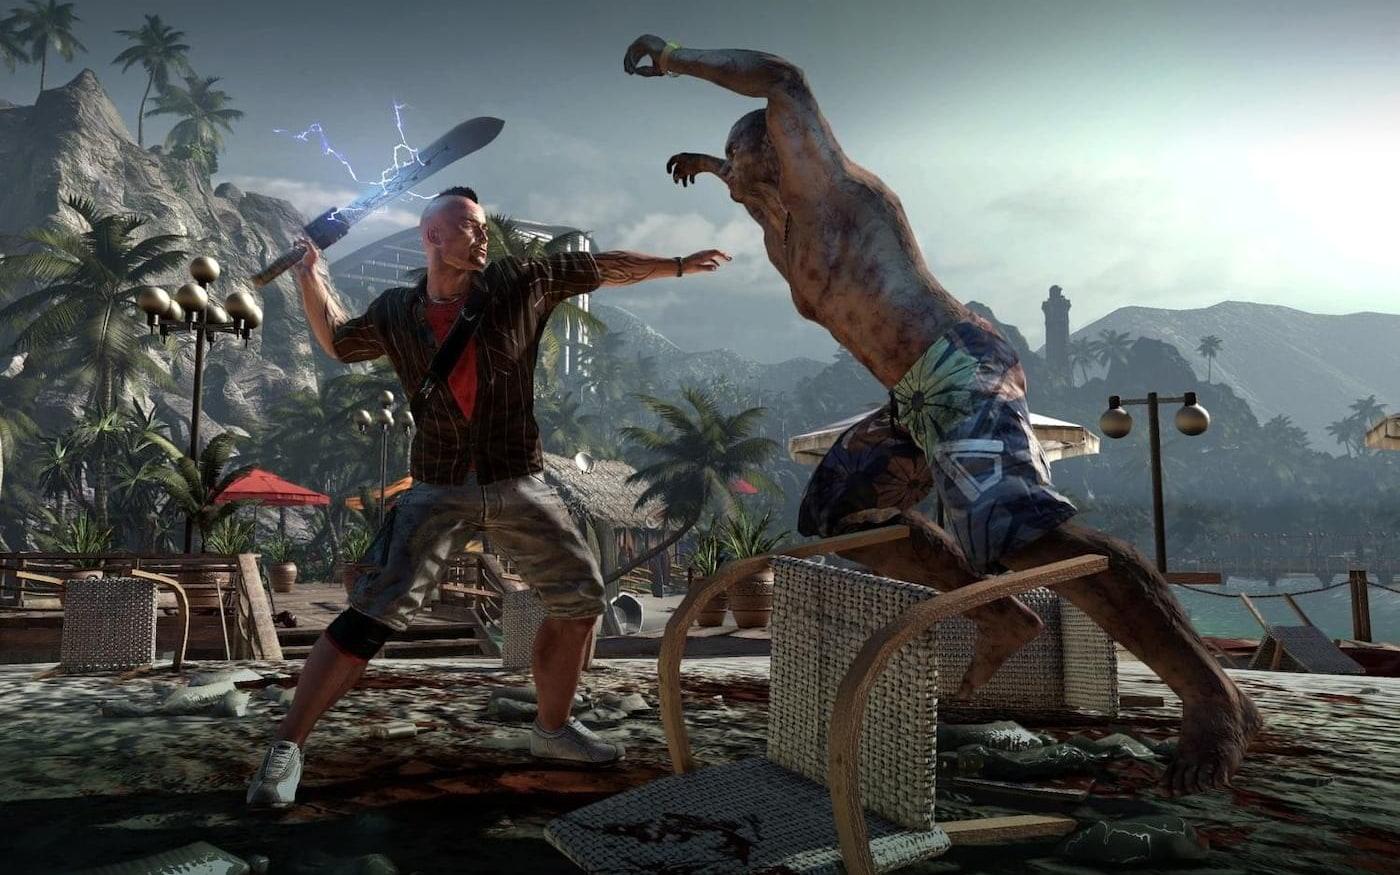 Estúdio responsável por Dead Island 2 diz que jogo continua em desenvolvimento